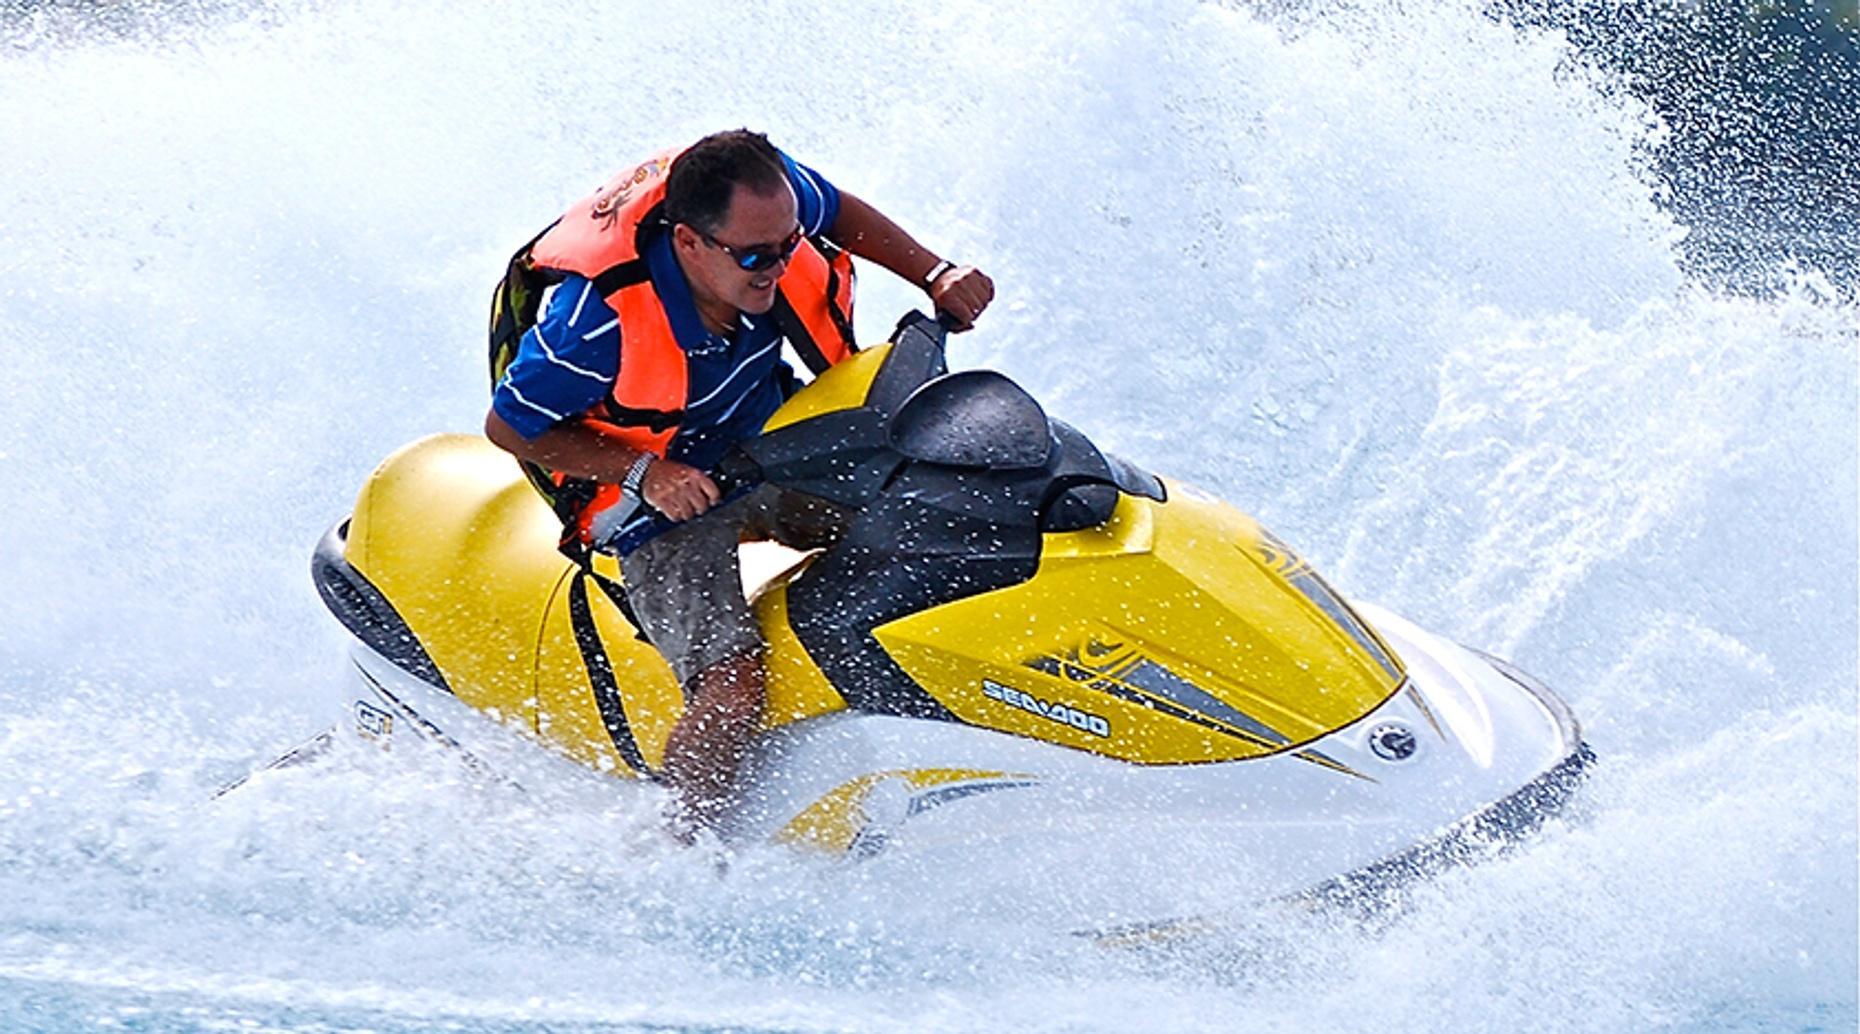 Caribbean Tube and Banana Ride